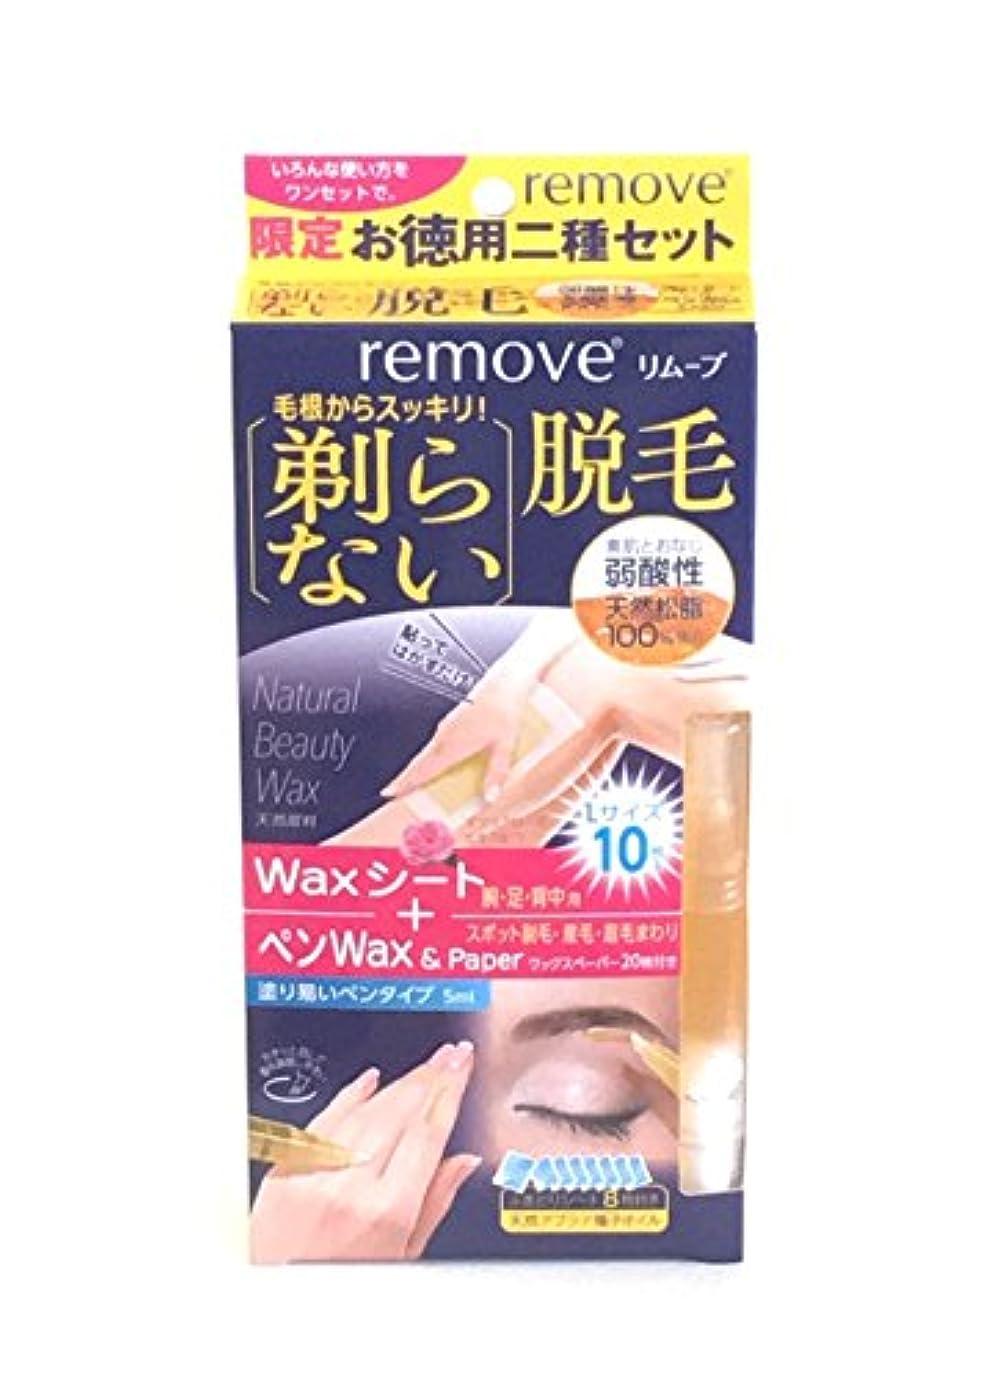 枯渇する名前で周波数リムーブ 剃らない脱毛 二種ワックスセット (ペンワックス 5ml、ワックスシート 10枚)